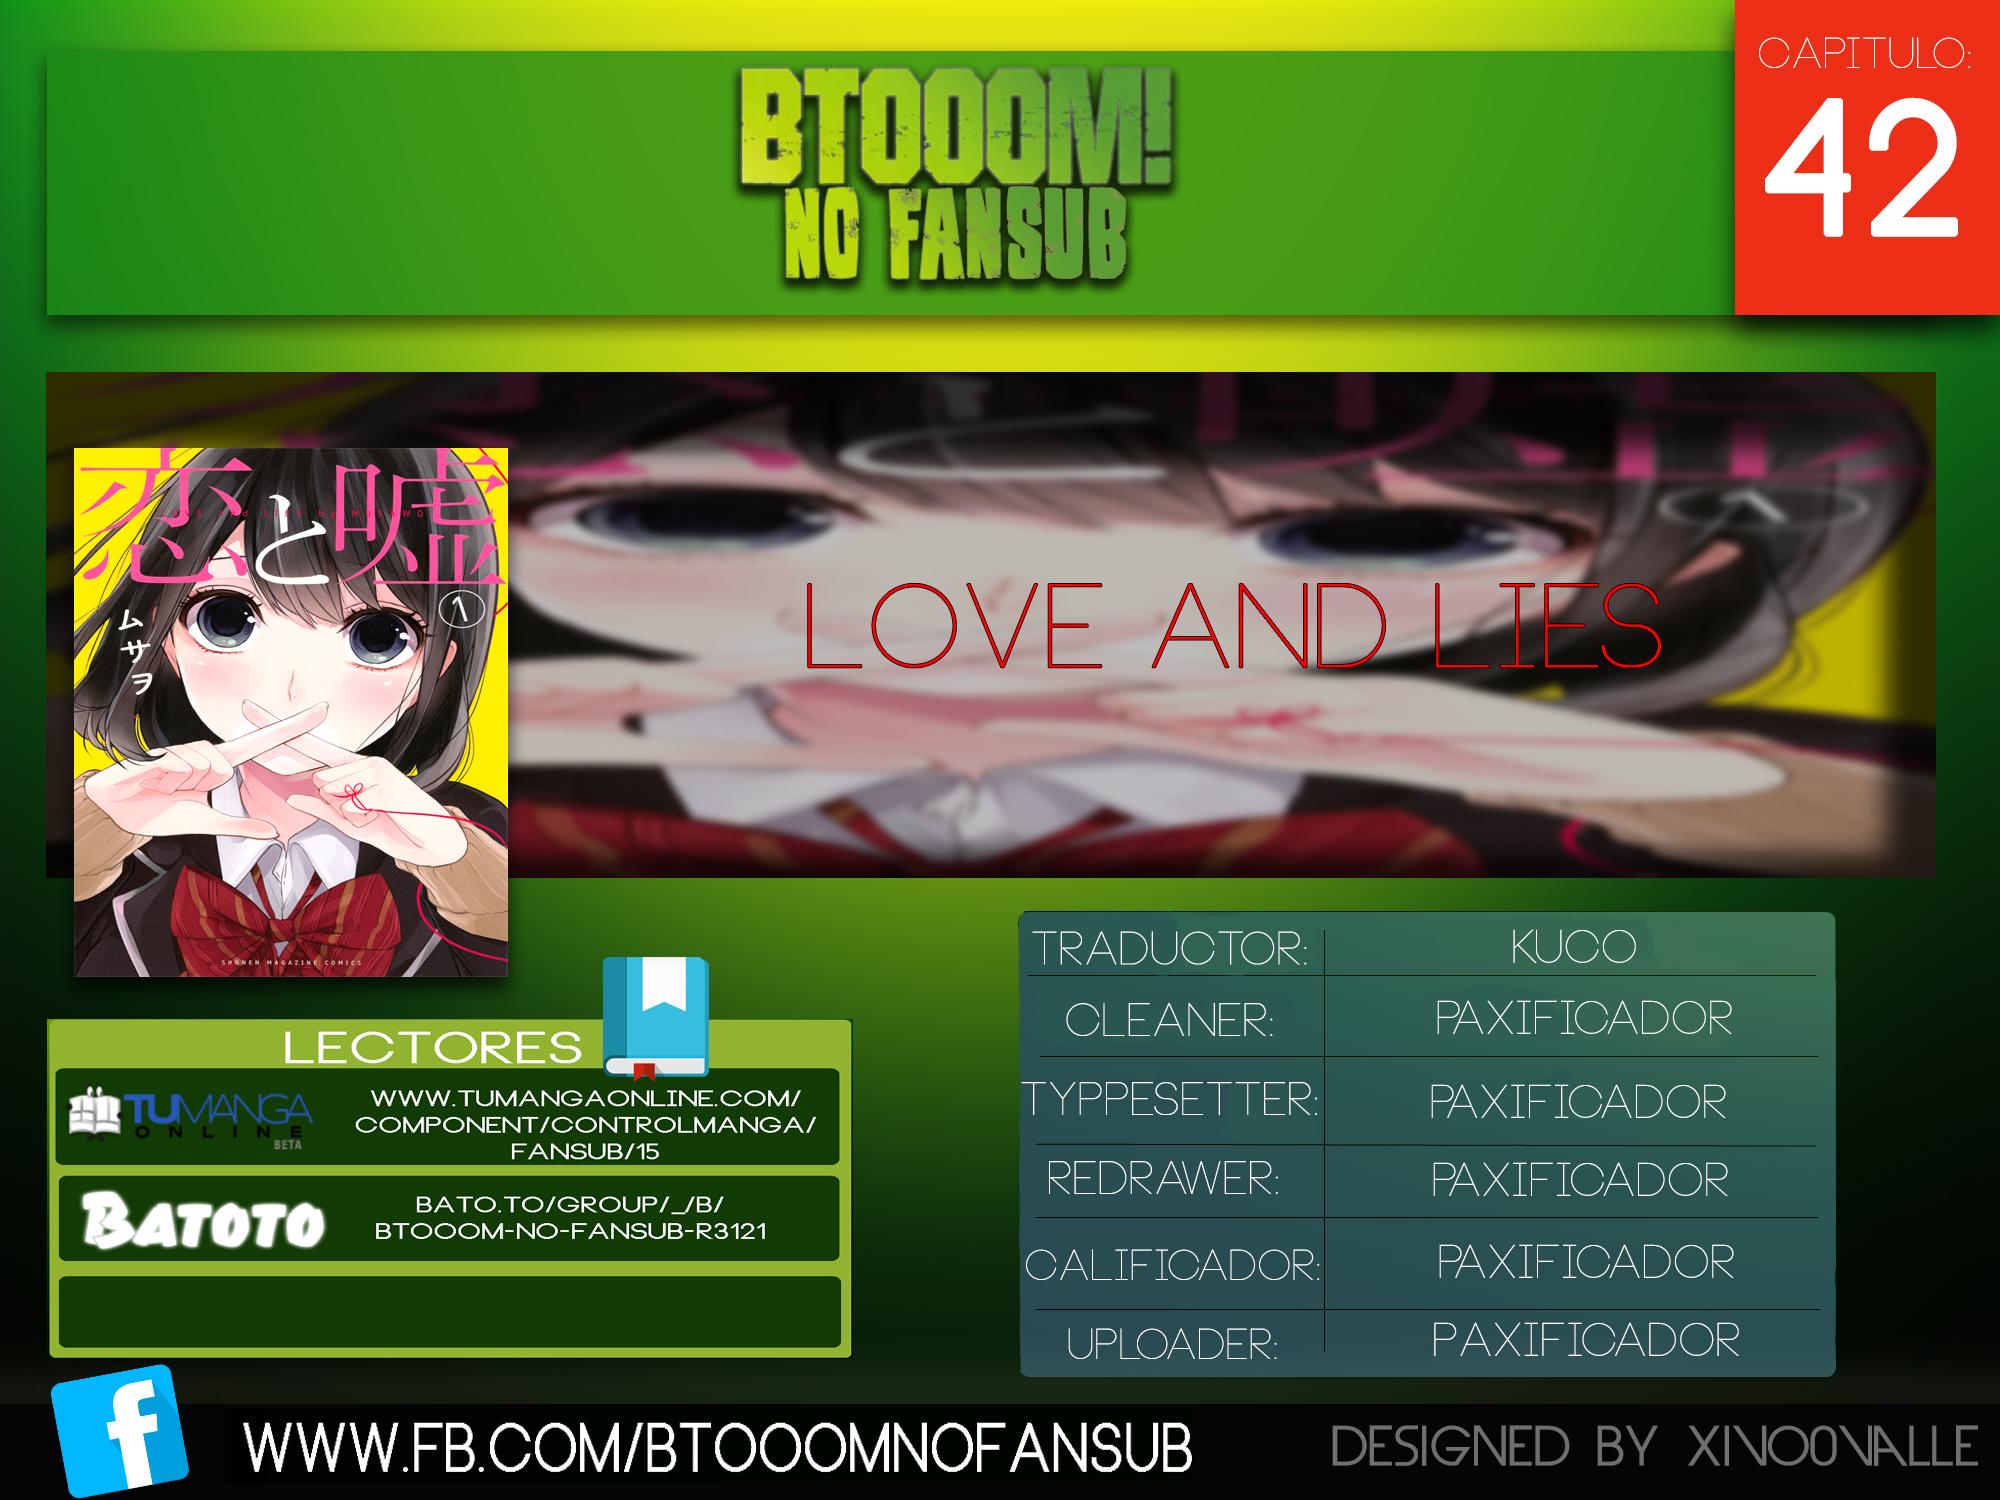 http://c5.ninemanga.com/es_manga/14/14734/383184/de312ddeff82ecc47ed90967ed3cbc91.jpg Page 1